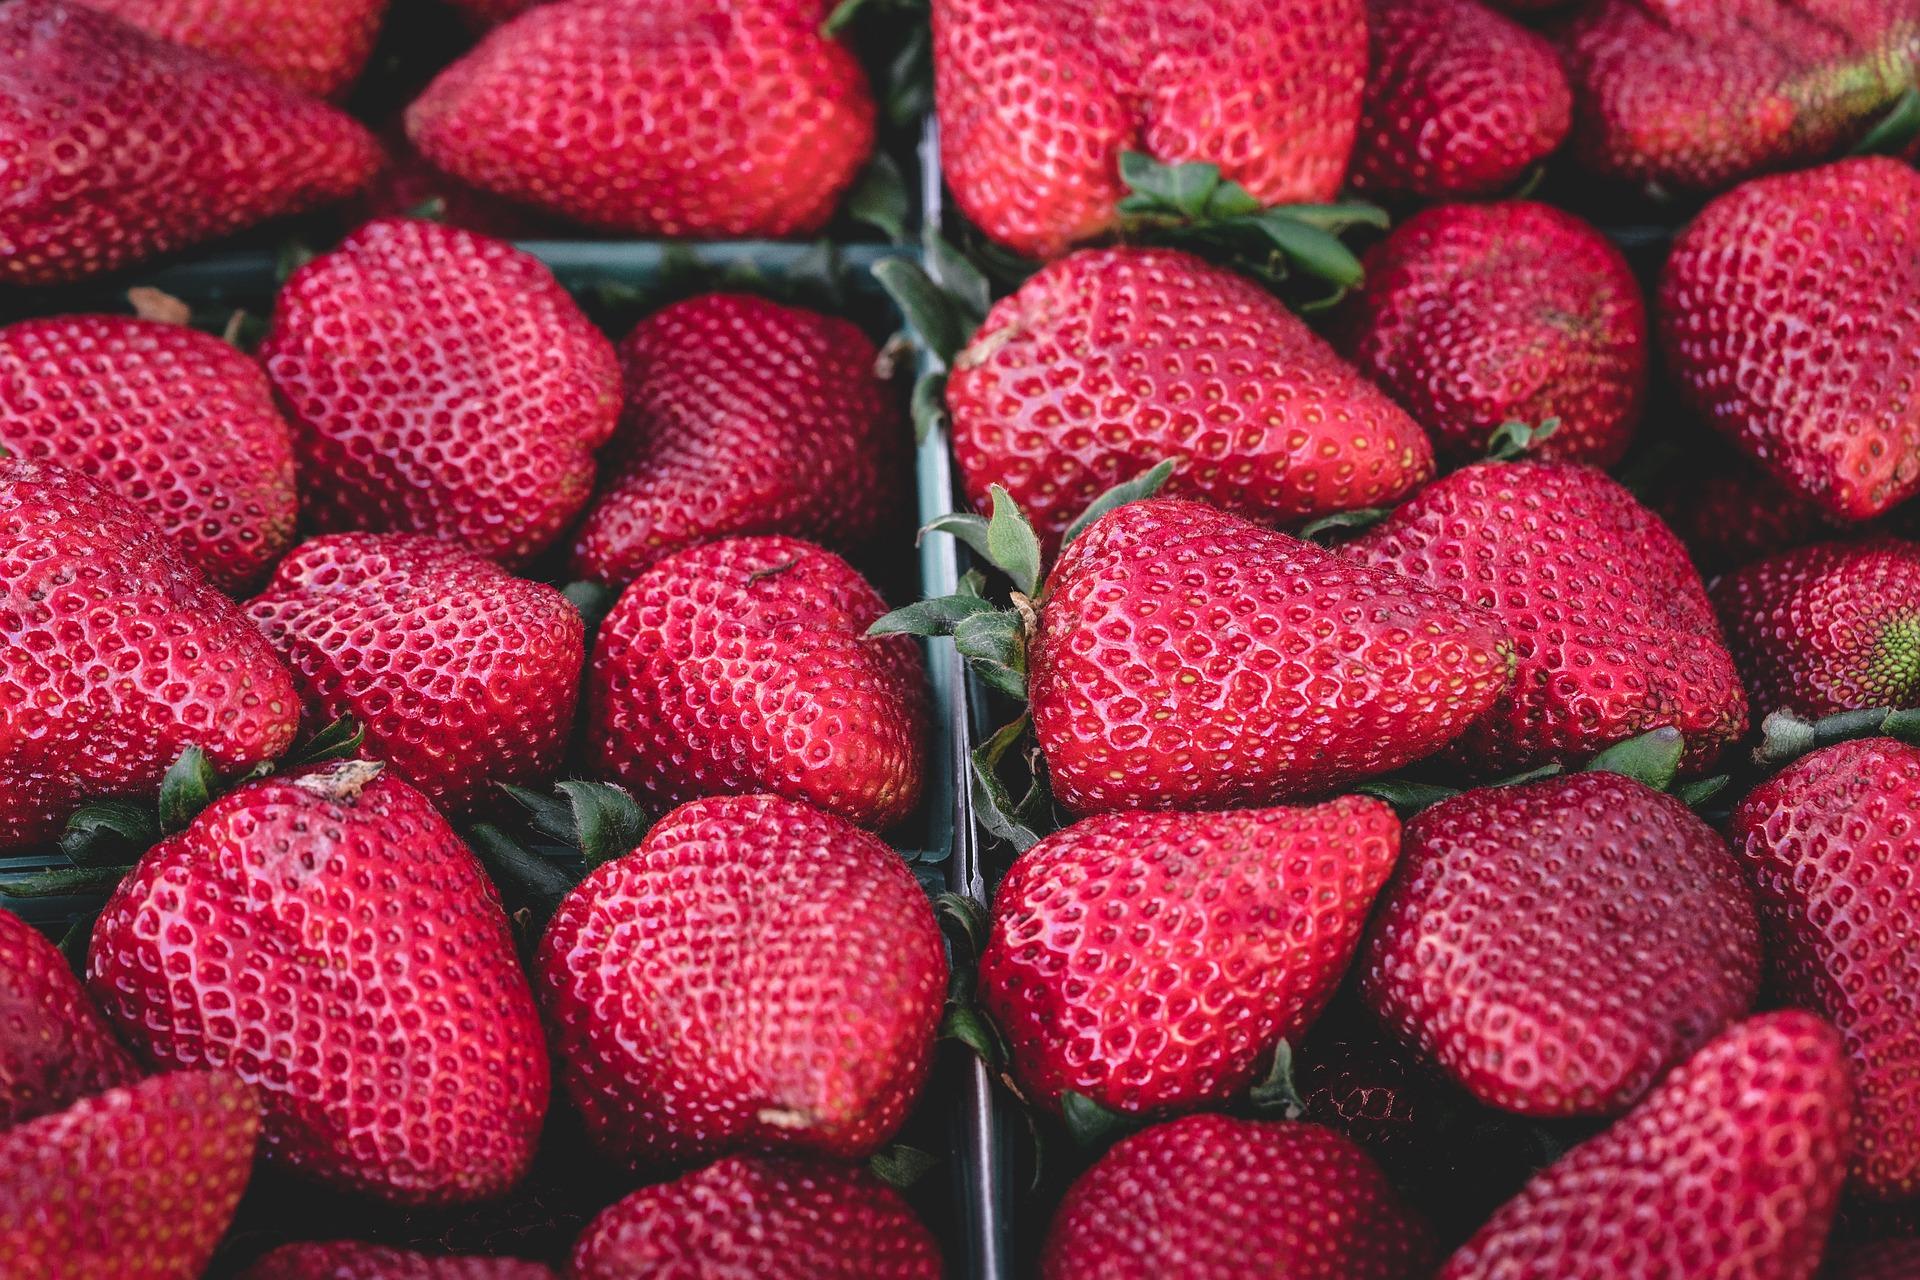 Achetez des produits bio en ligne via des boutiques spécialisées